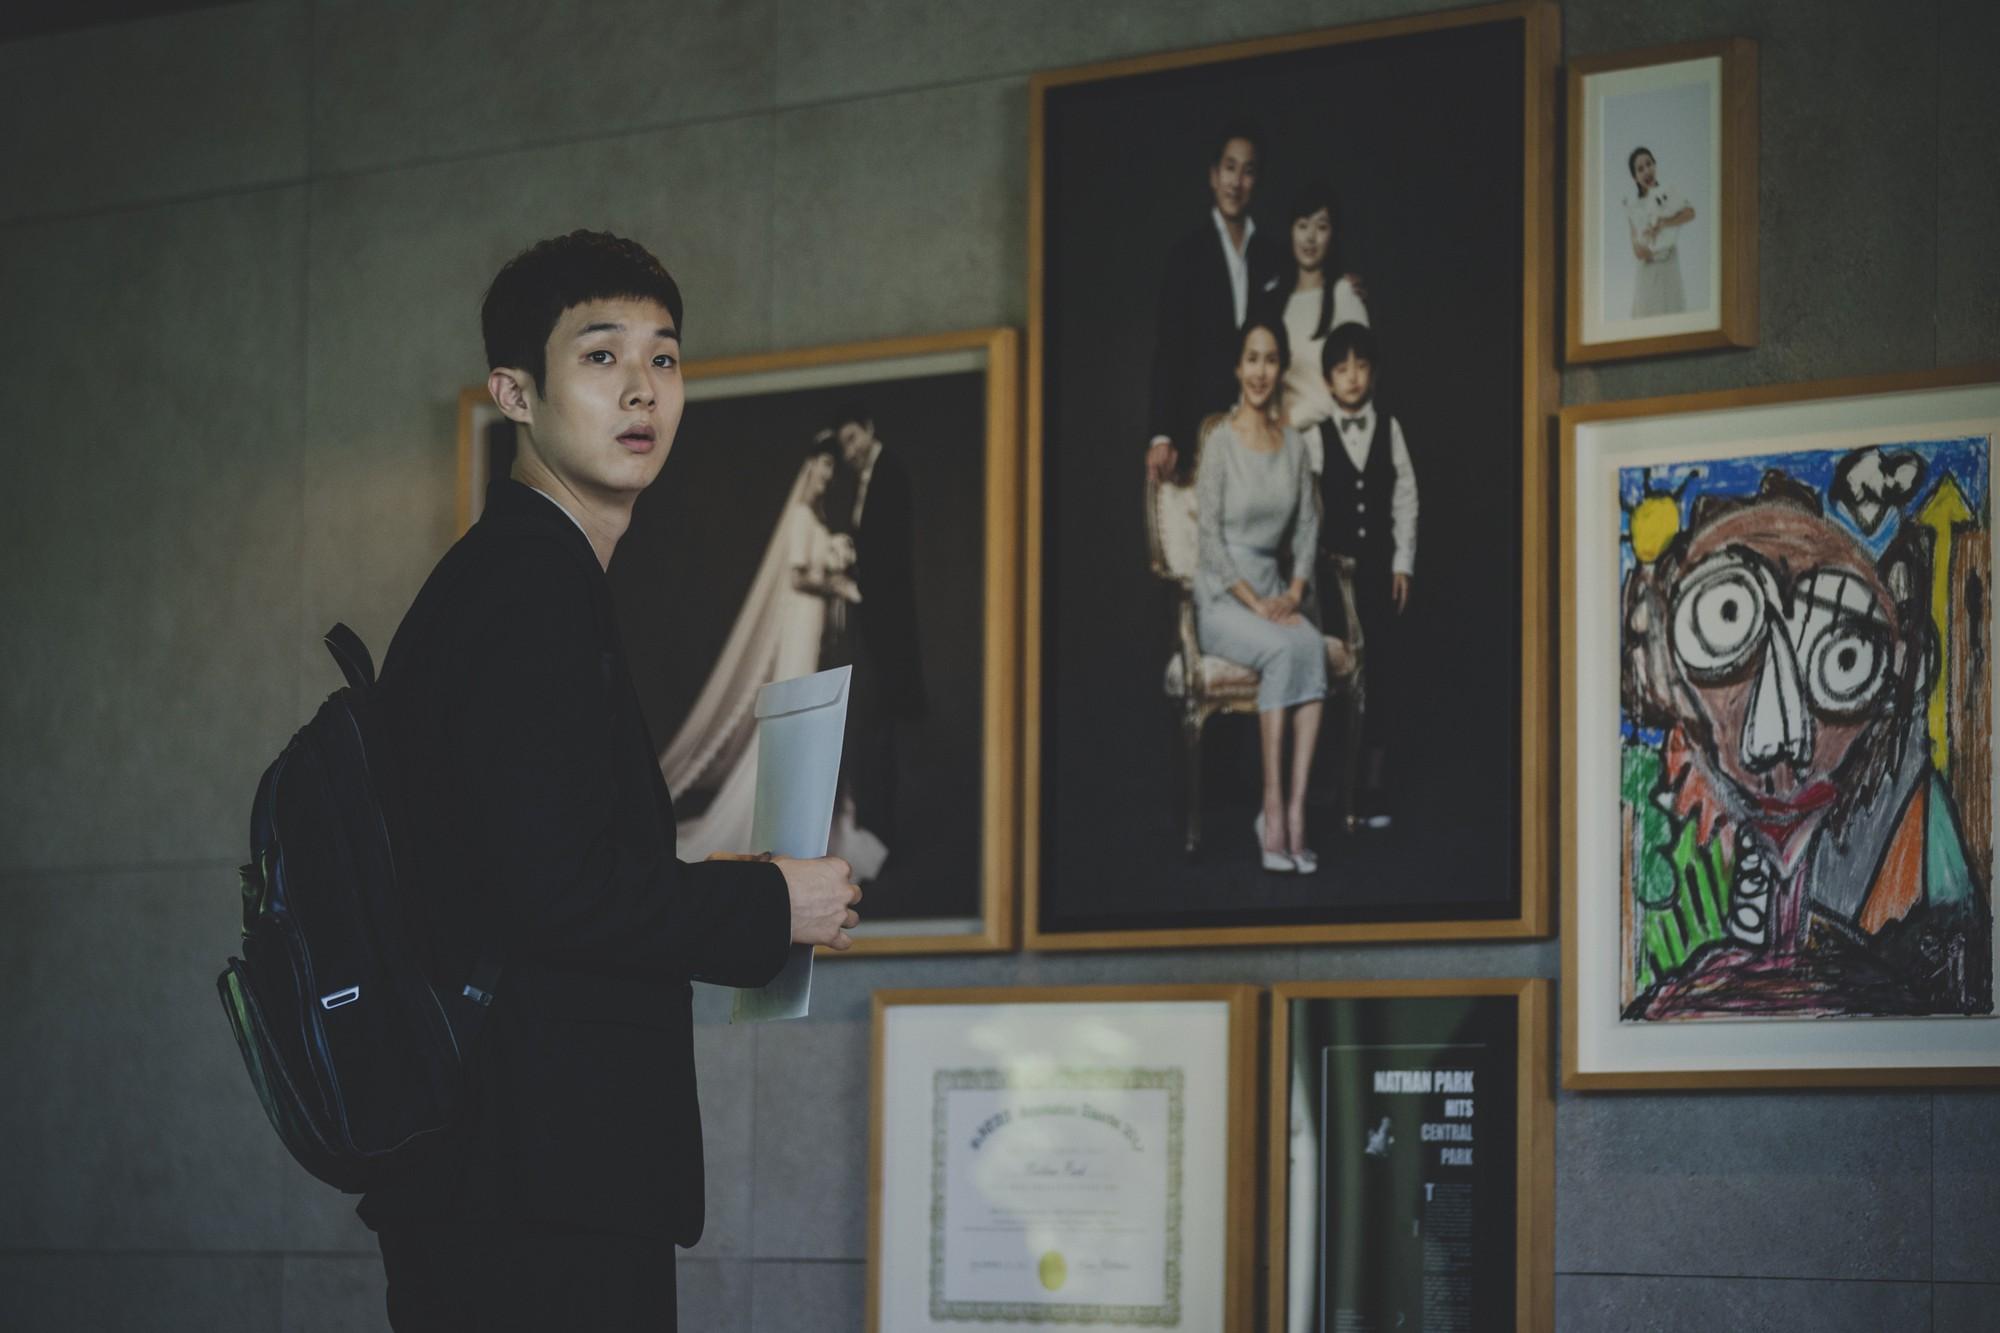 Mê điện ảnh Hàn, ghét hài nhảm, thích combo phim nghệ thuật khuyến mãi thêm trào phúng thì xem ngay Parasite! - Ảnh 4.